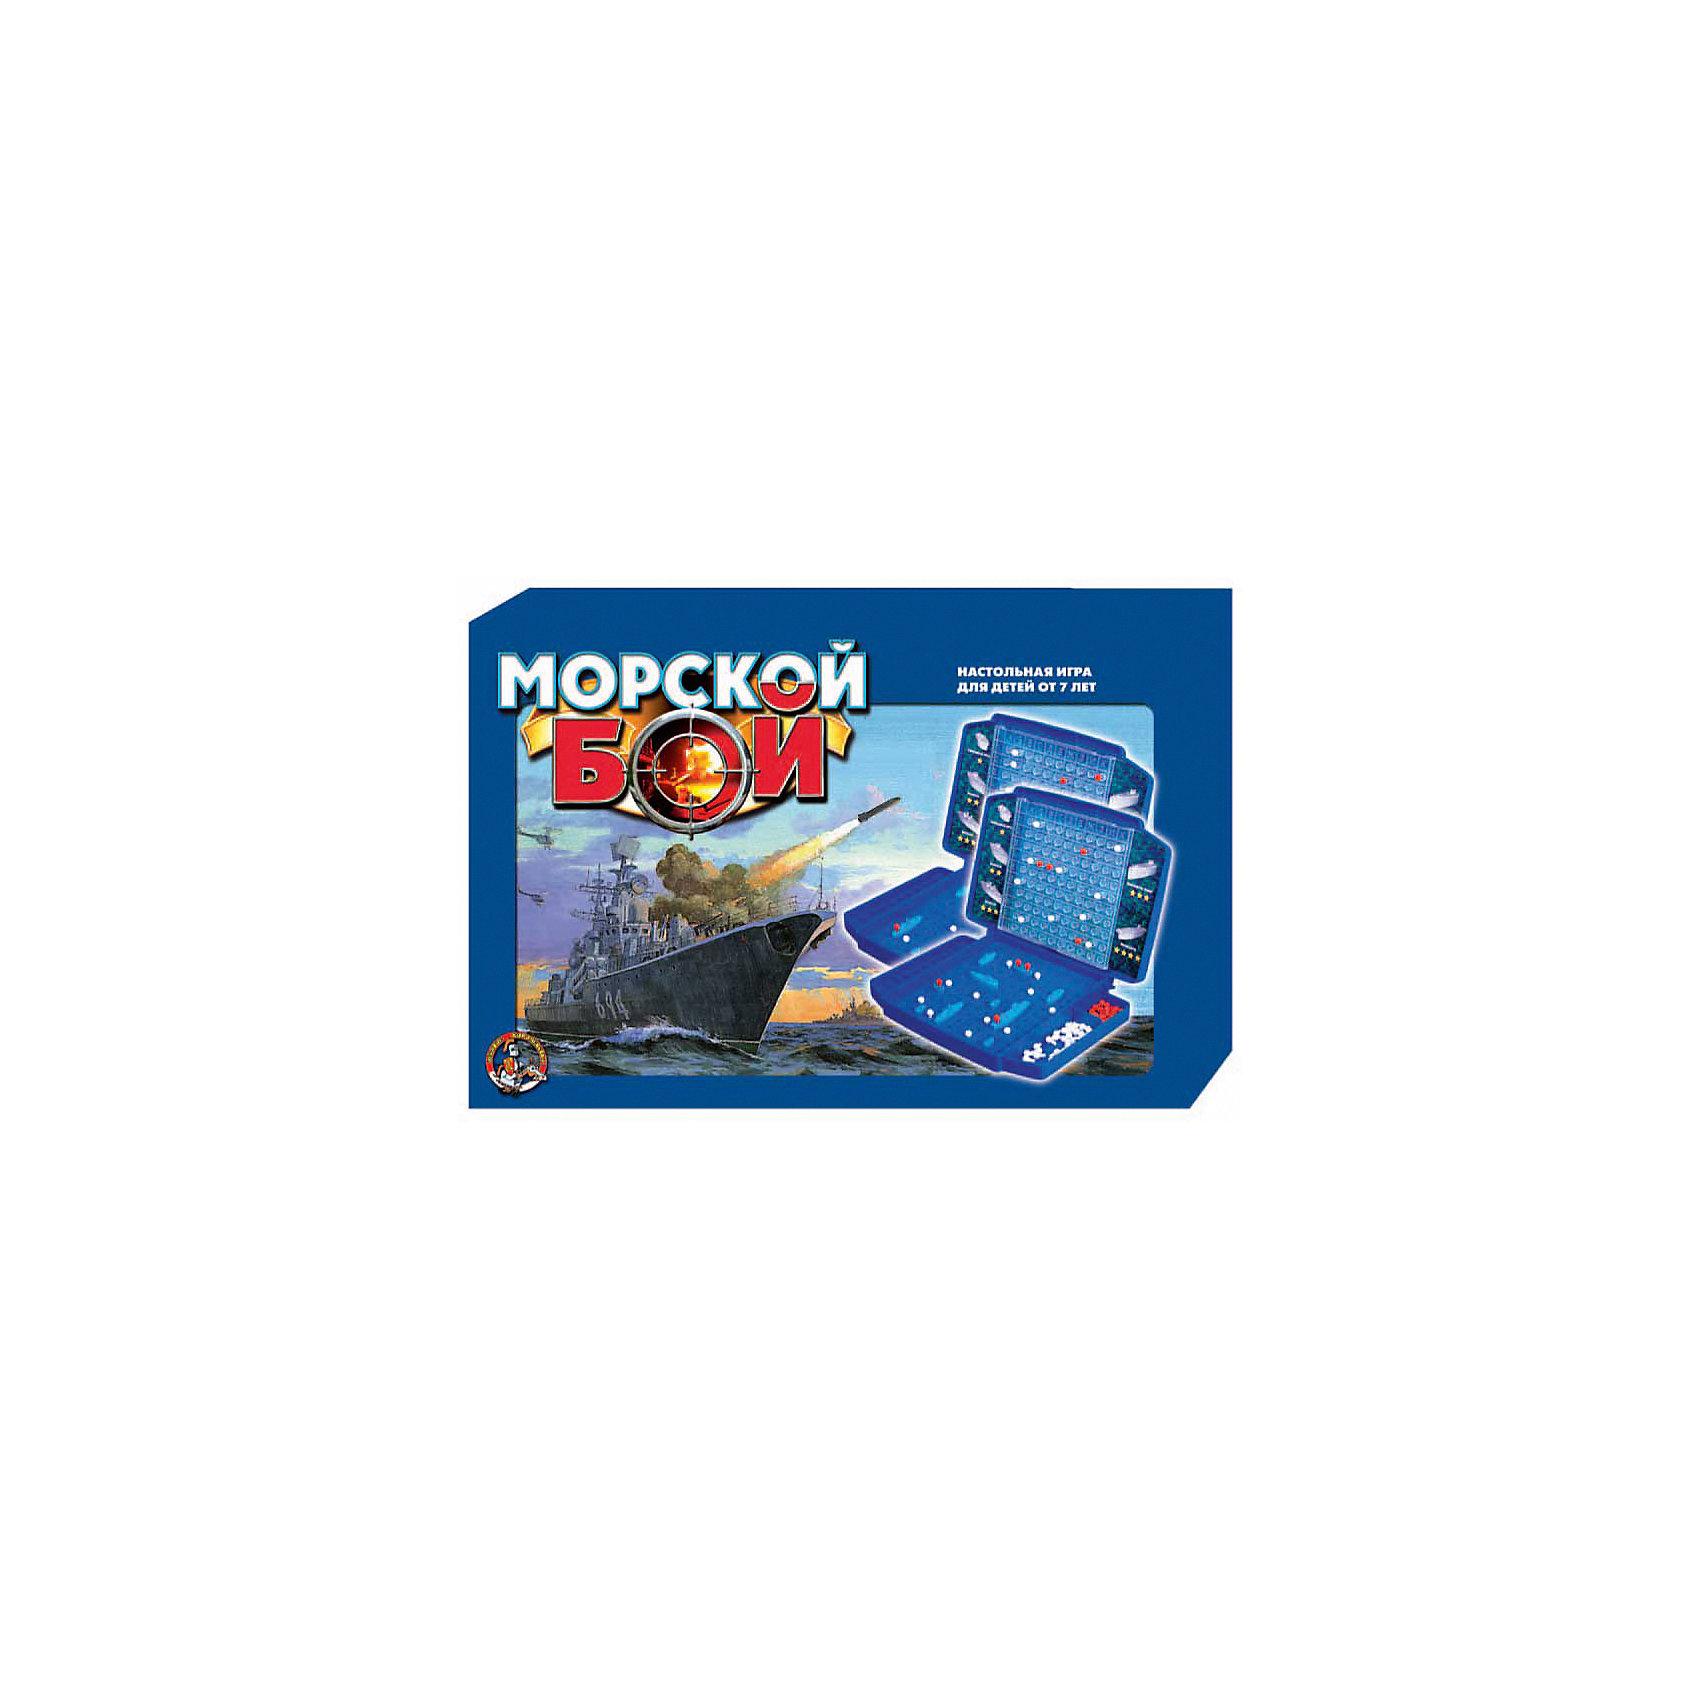 Игра настольная Морской бой 1, Десятое королевствоСтратегические настольные игры<br>Игра настольная Морской бой 1, Десятое королевство<br><br>Характеристики: <br><br>• Возраст: от 3 лет<br>• Материал: пластик<br>• В комплекте: корабли, чемоданчик, фишки<br><br>Этот набор создан на основе знаменитой игры Морской бой, только в данном наборе игровое поле и корабли выполнены в виде объемных фигурок. В комплекте идут 2 игровых поля, 2 крейсера, 6 эсминцев, 2 авианосца, 2 подлодки, 9 торпедных катеров, 320 белых и 80 красных фишек. Поставляется в удобном чемоданчике, благодаря которому фигурки не потеряются, а фишки не слетят с поля.<br><br>Игра настольная Морской бой 1, Десятое королевство можно купить в нашем интернет-магазине.<br><br>Ширина мм: 370<br>Глубина мм: 240<br>Высота мм: 40<br>Вес г: 912<br>Возраст от месяцев: 84<br>Возраст до месяцев: 2147483647<br>Пол: Унисекс<br>Возраст: Детский<br>SKU: 5473812